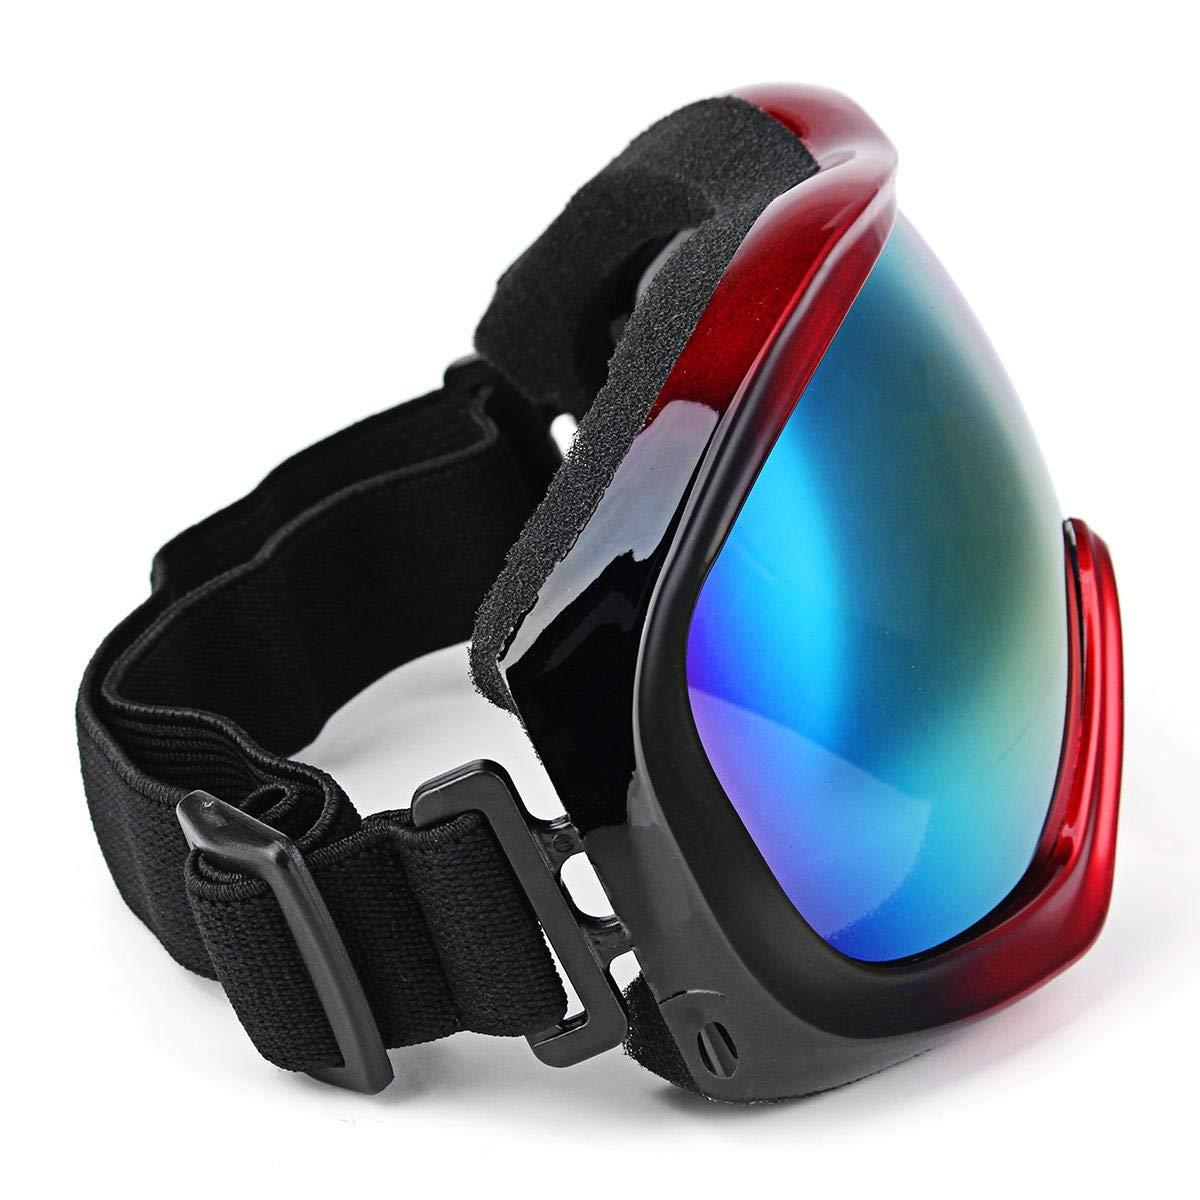 YongJiaDianZi オートバイミラーアイレーシングミラーアイムーブメントゴーグルメガネユニセックス防風防塵4色 青